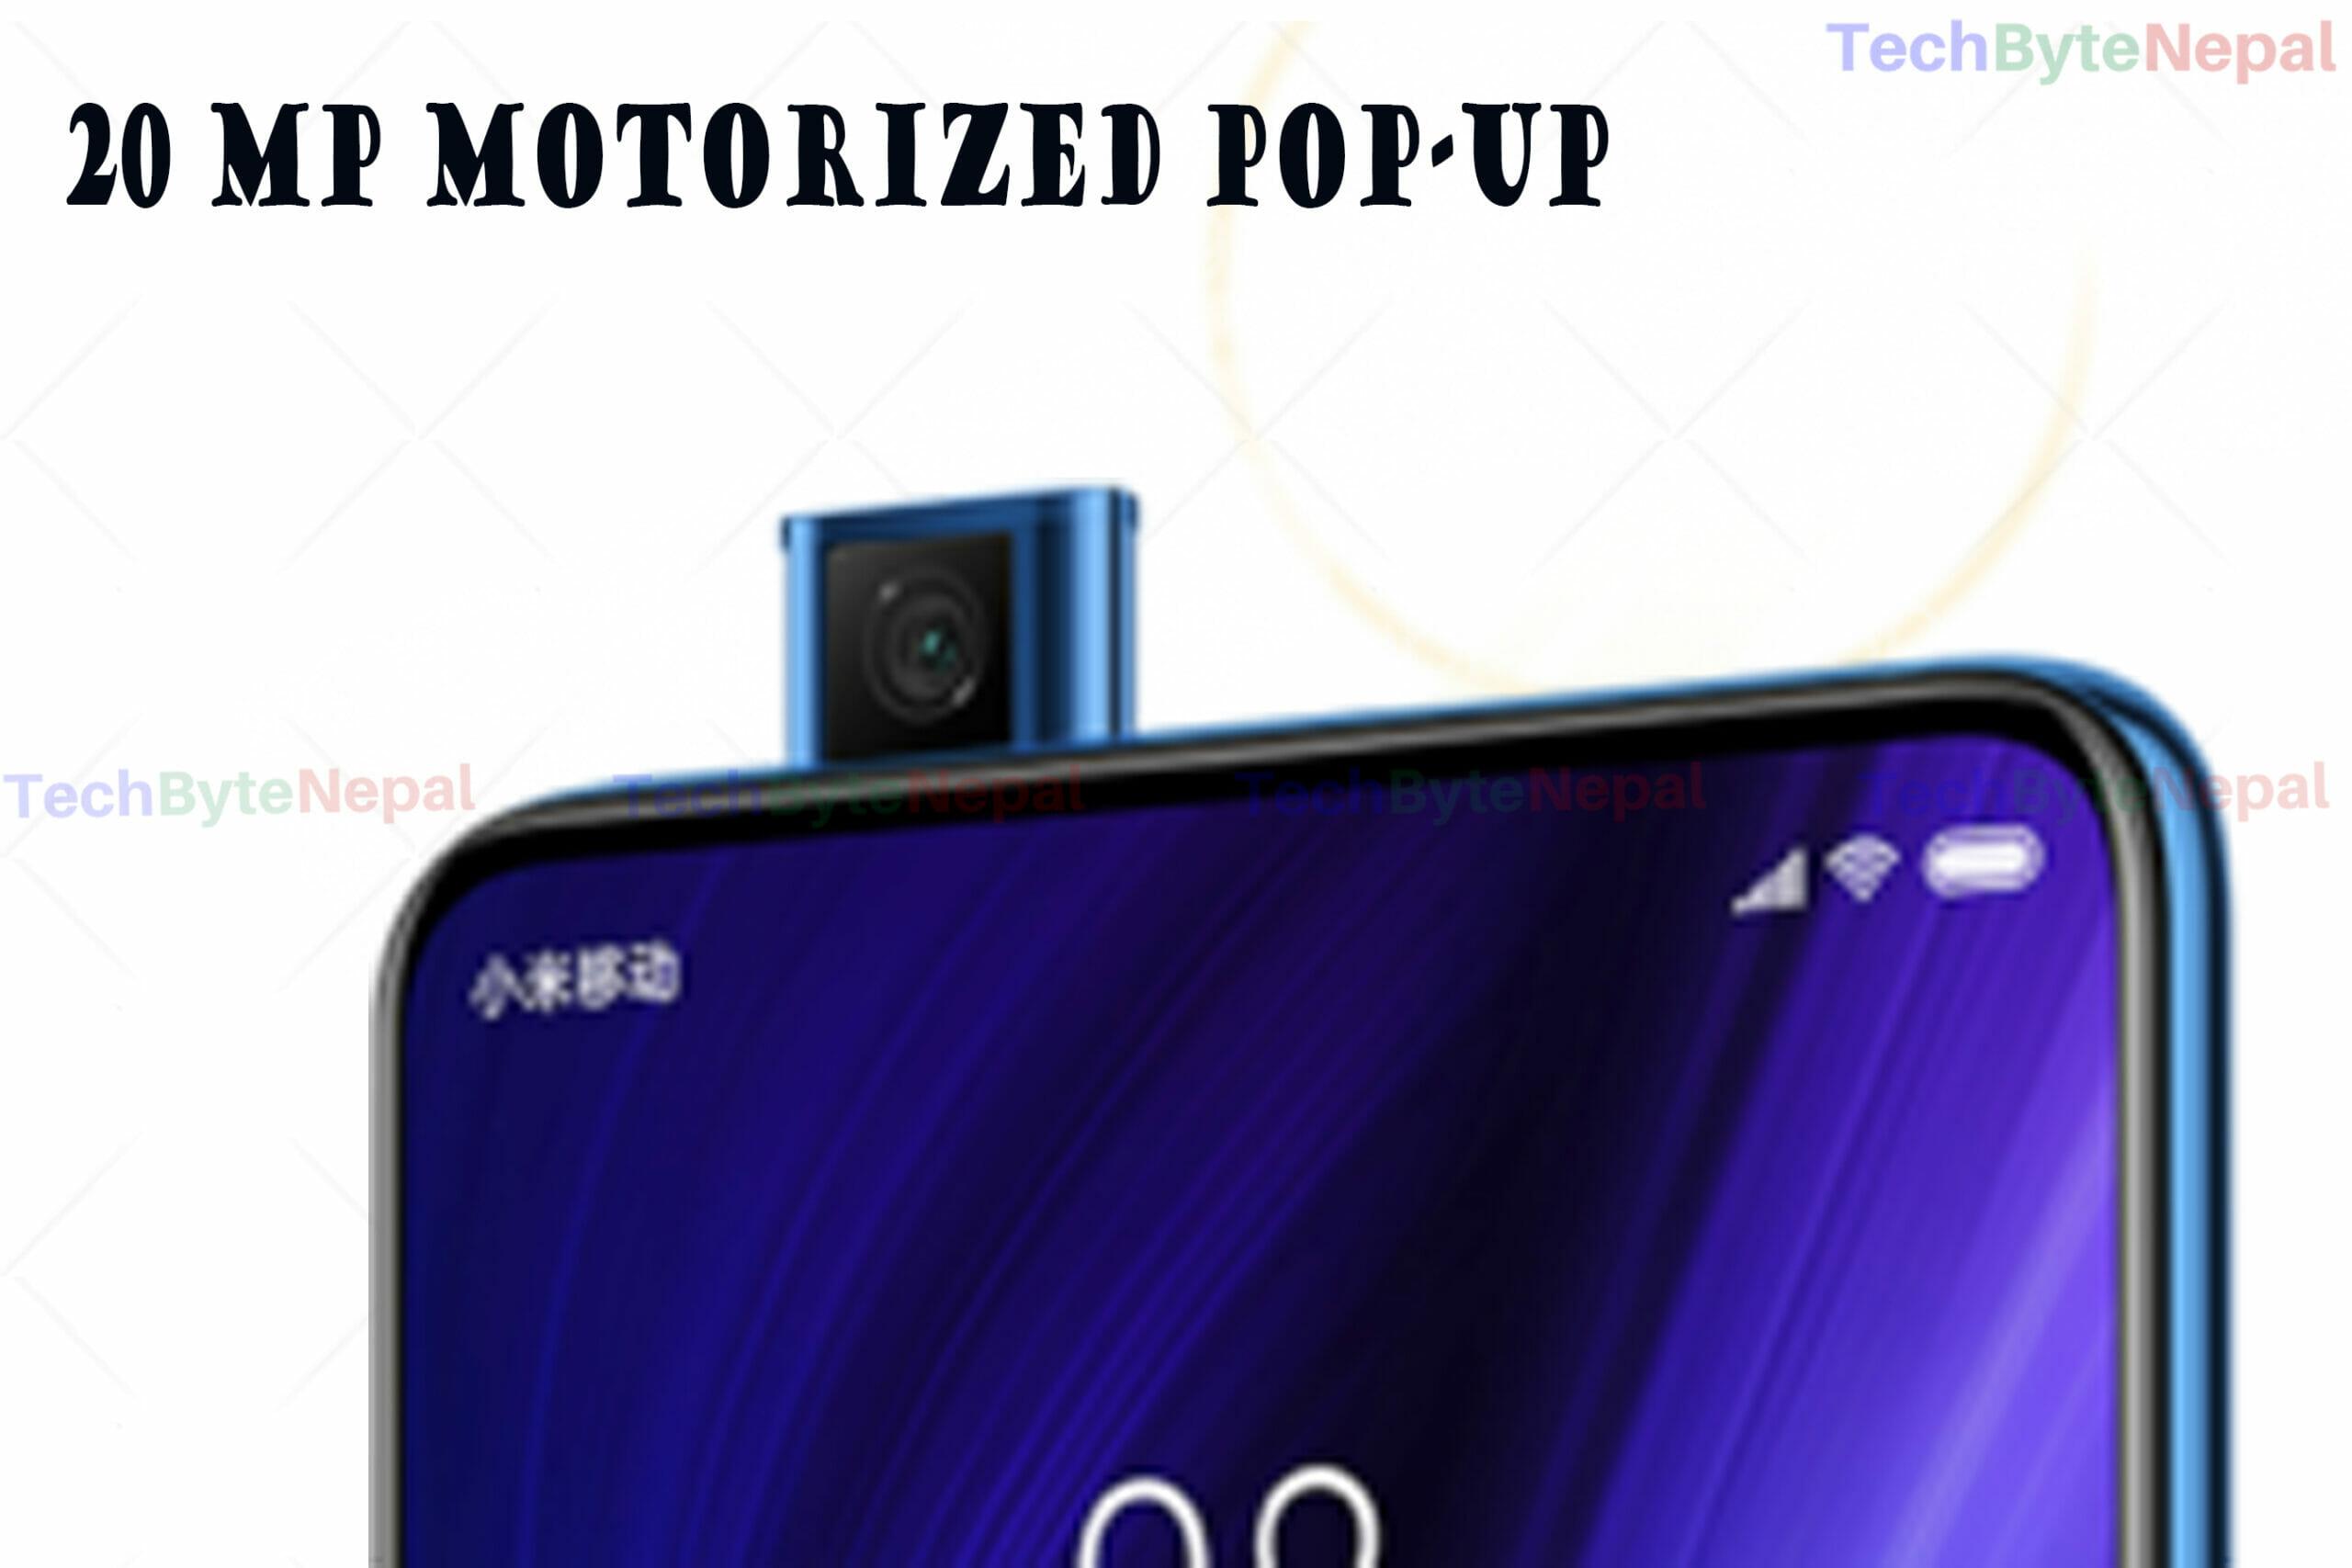 Redmi K20 Pro and K20 have pop-up motorized selfie camera